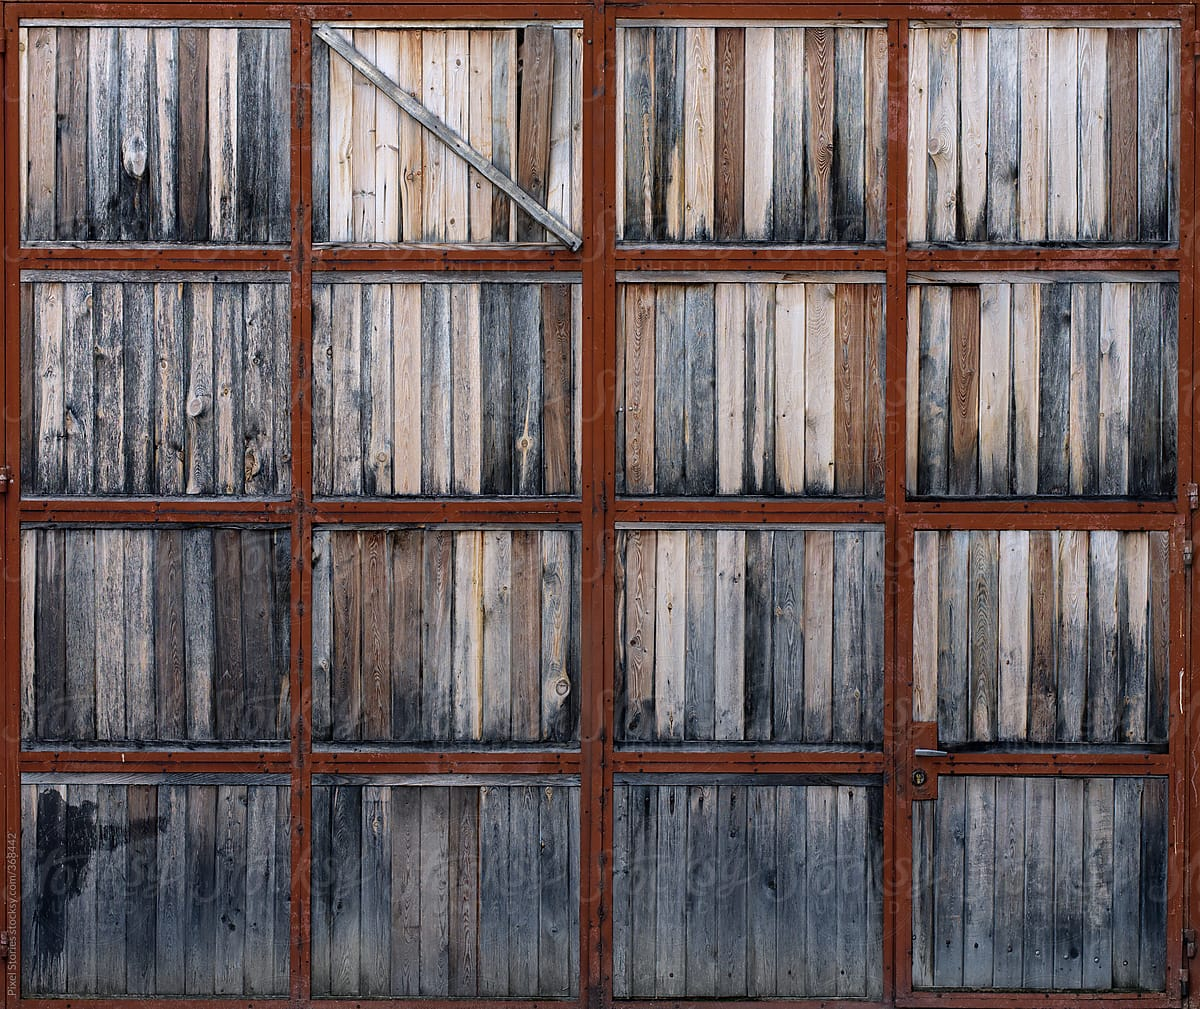 Old Wooden Garage Doors Stocksy United